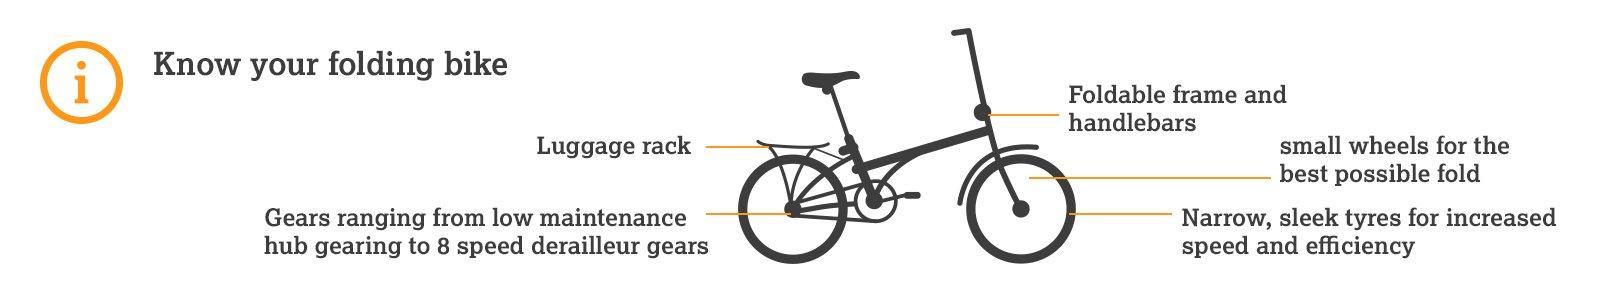 Know your folding bike